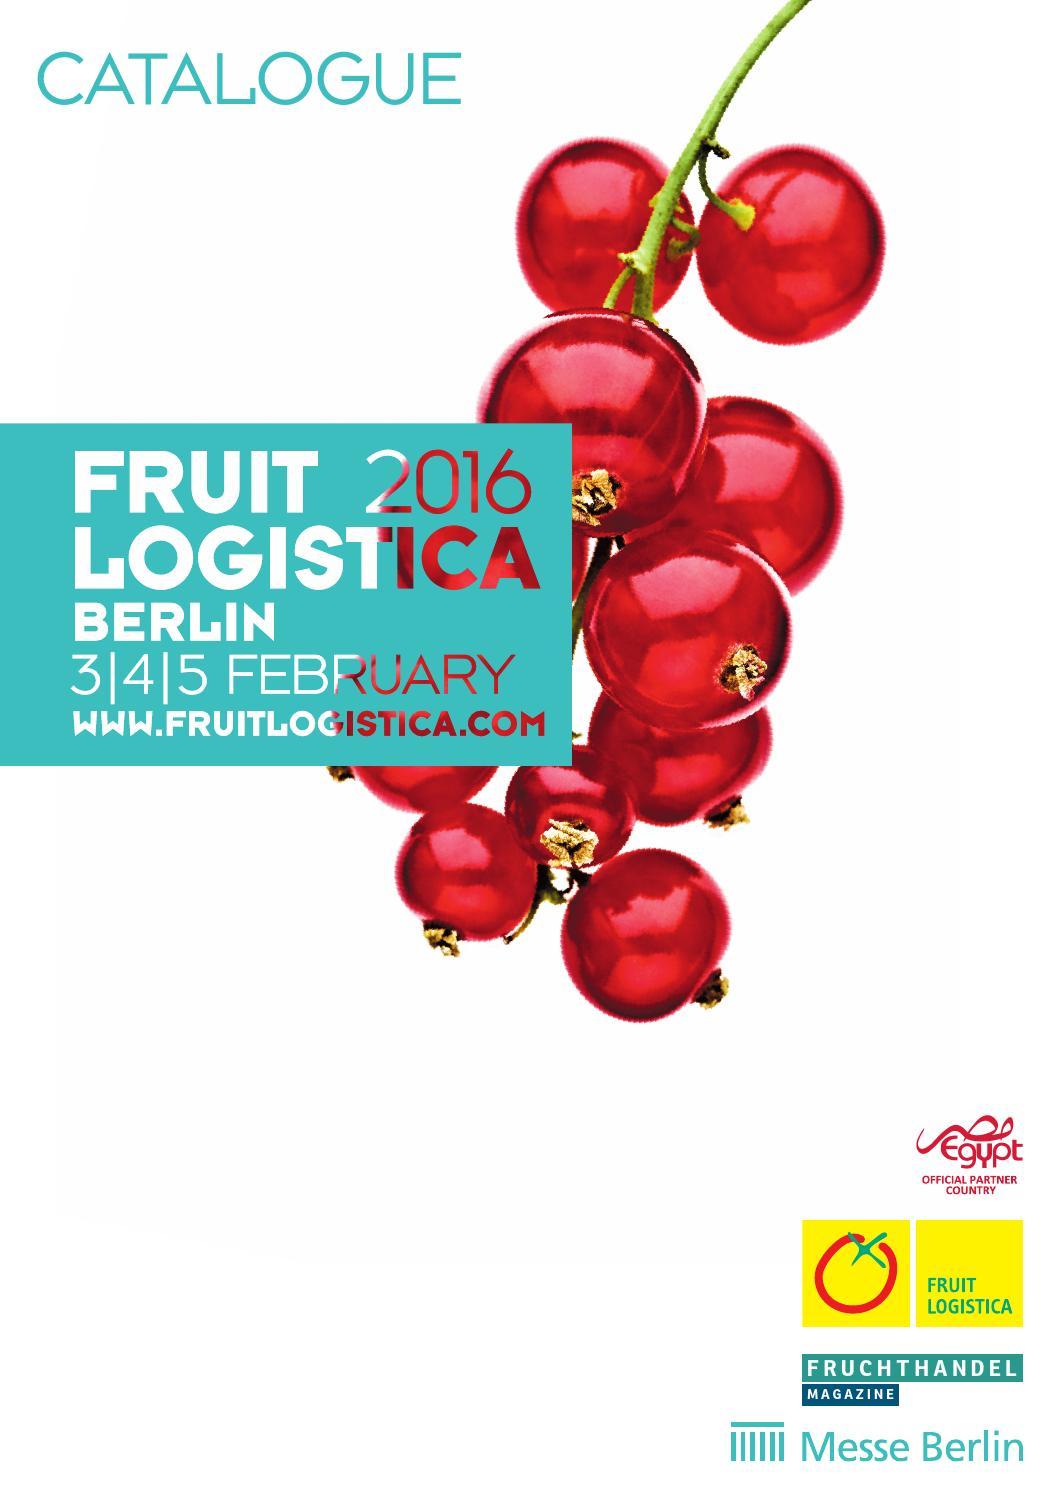 Asia Garten Ottobrunn Luxus Fruit Logistica Ficial Catalogue 2016 by Fruchthandel